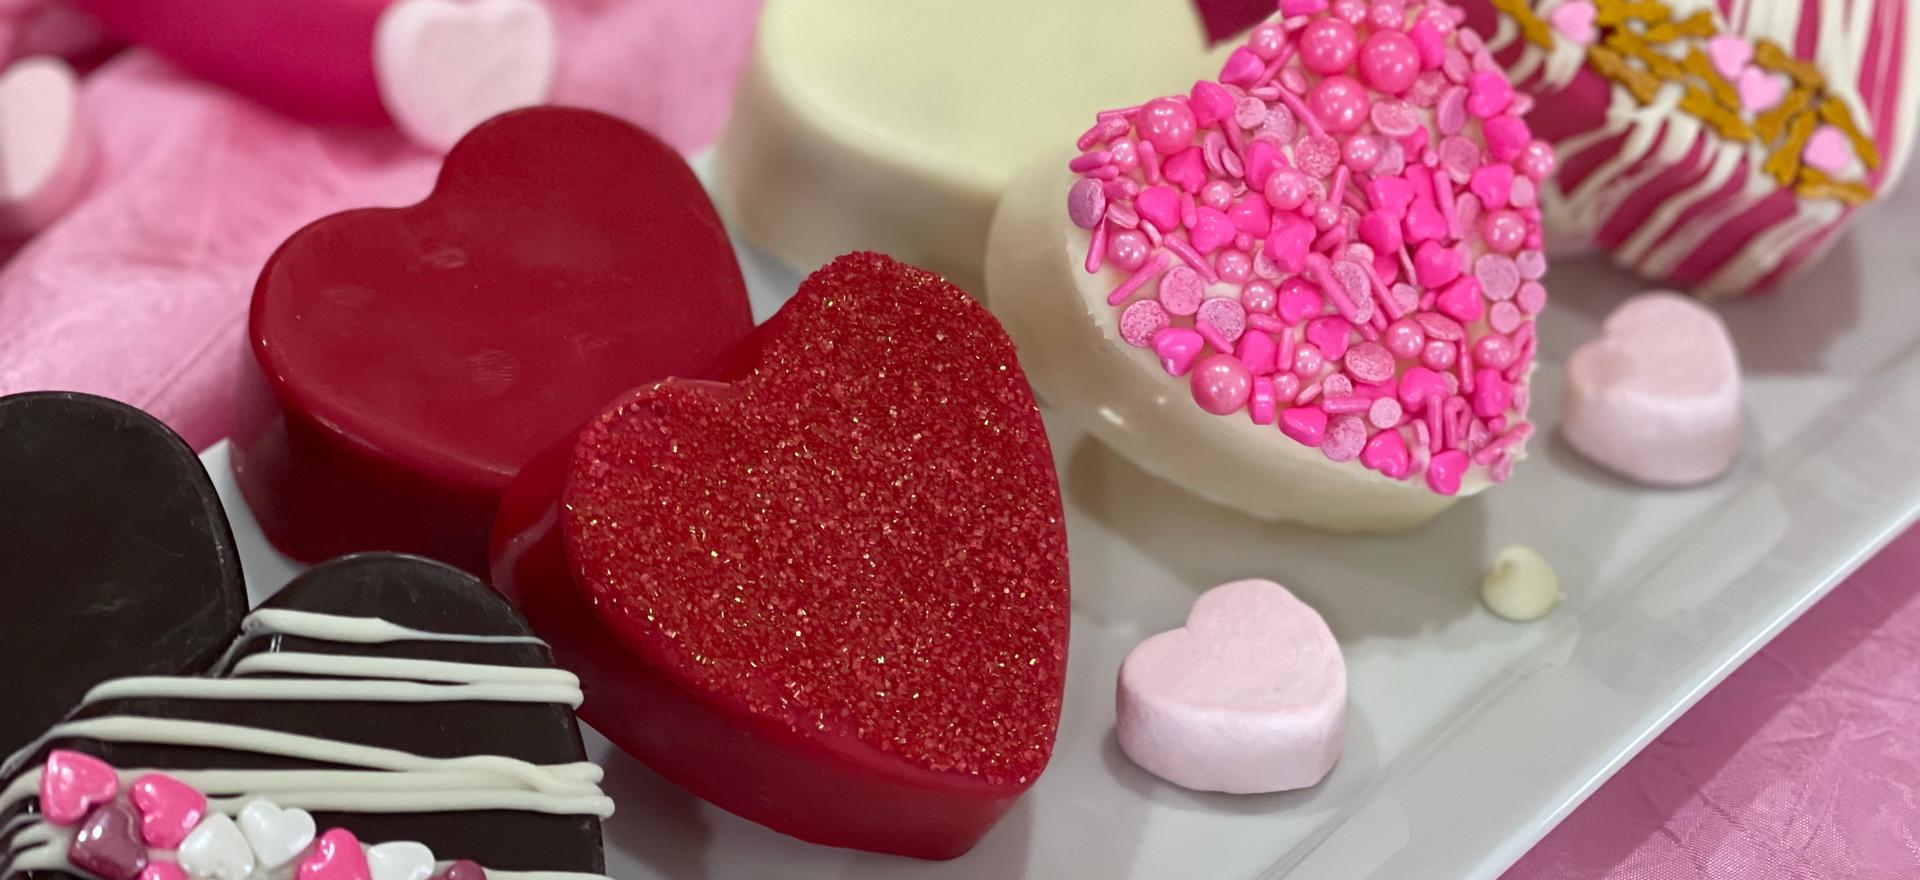 Heart Shaped Cocoa Bombs [Variety Box of 4] | $40